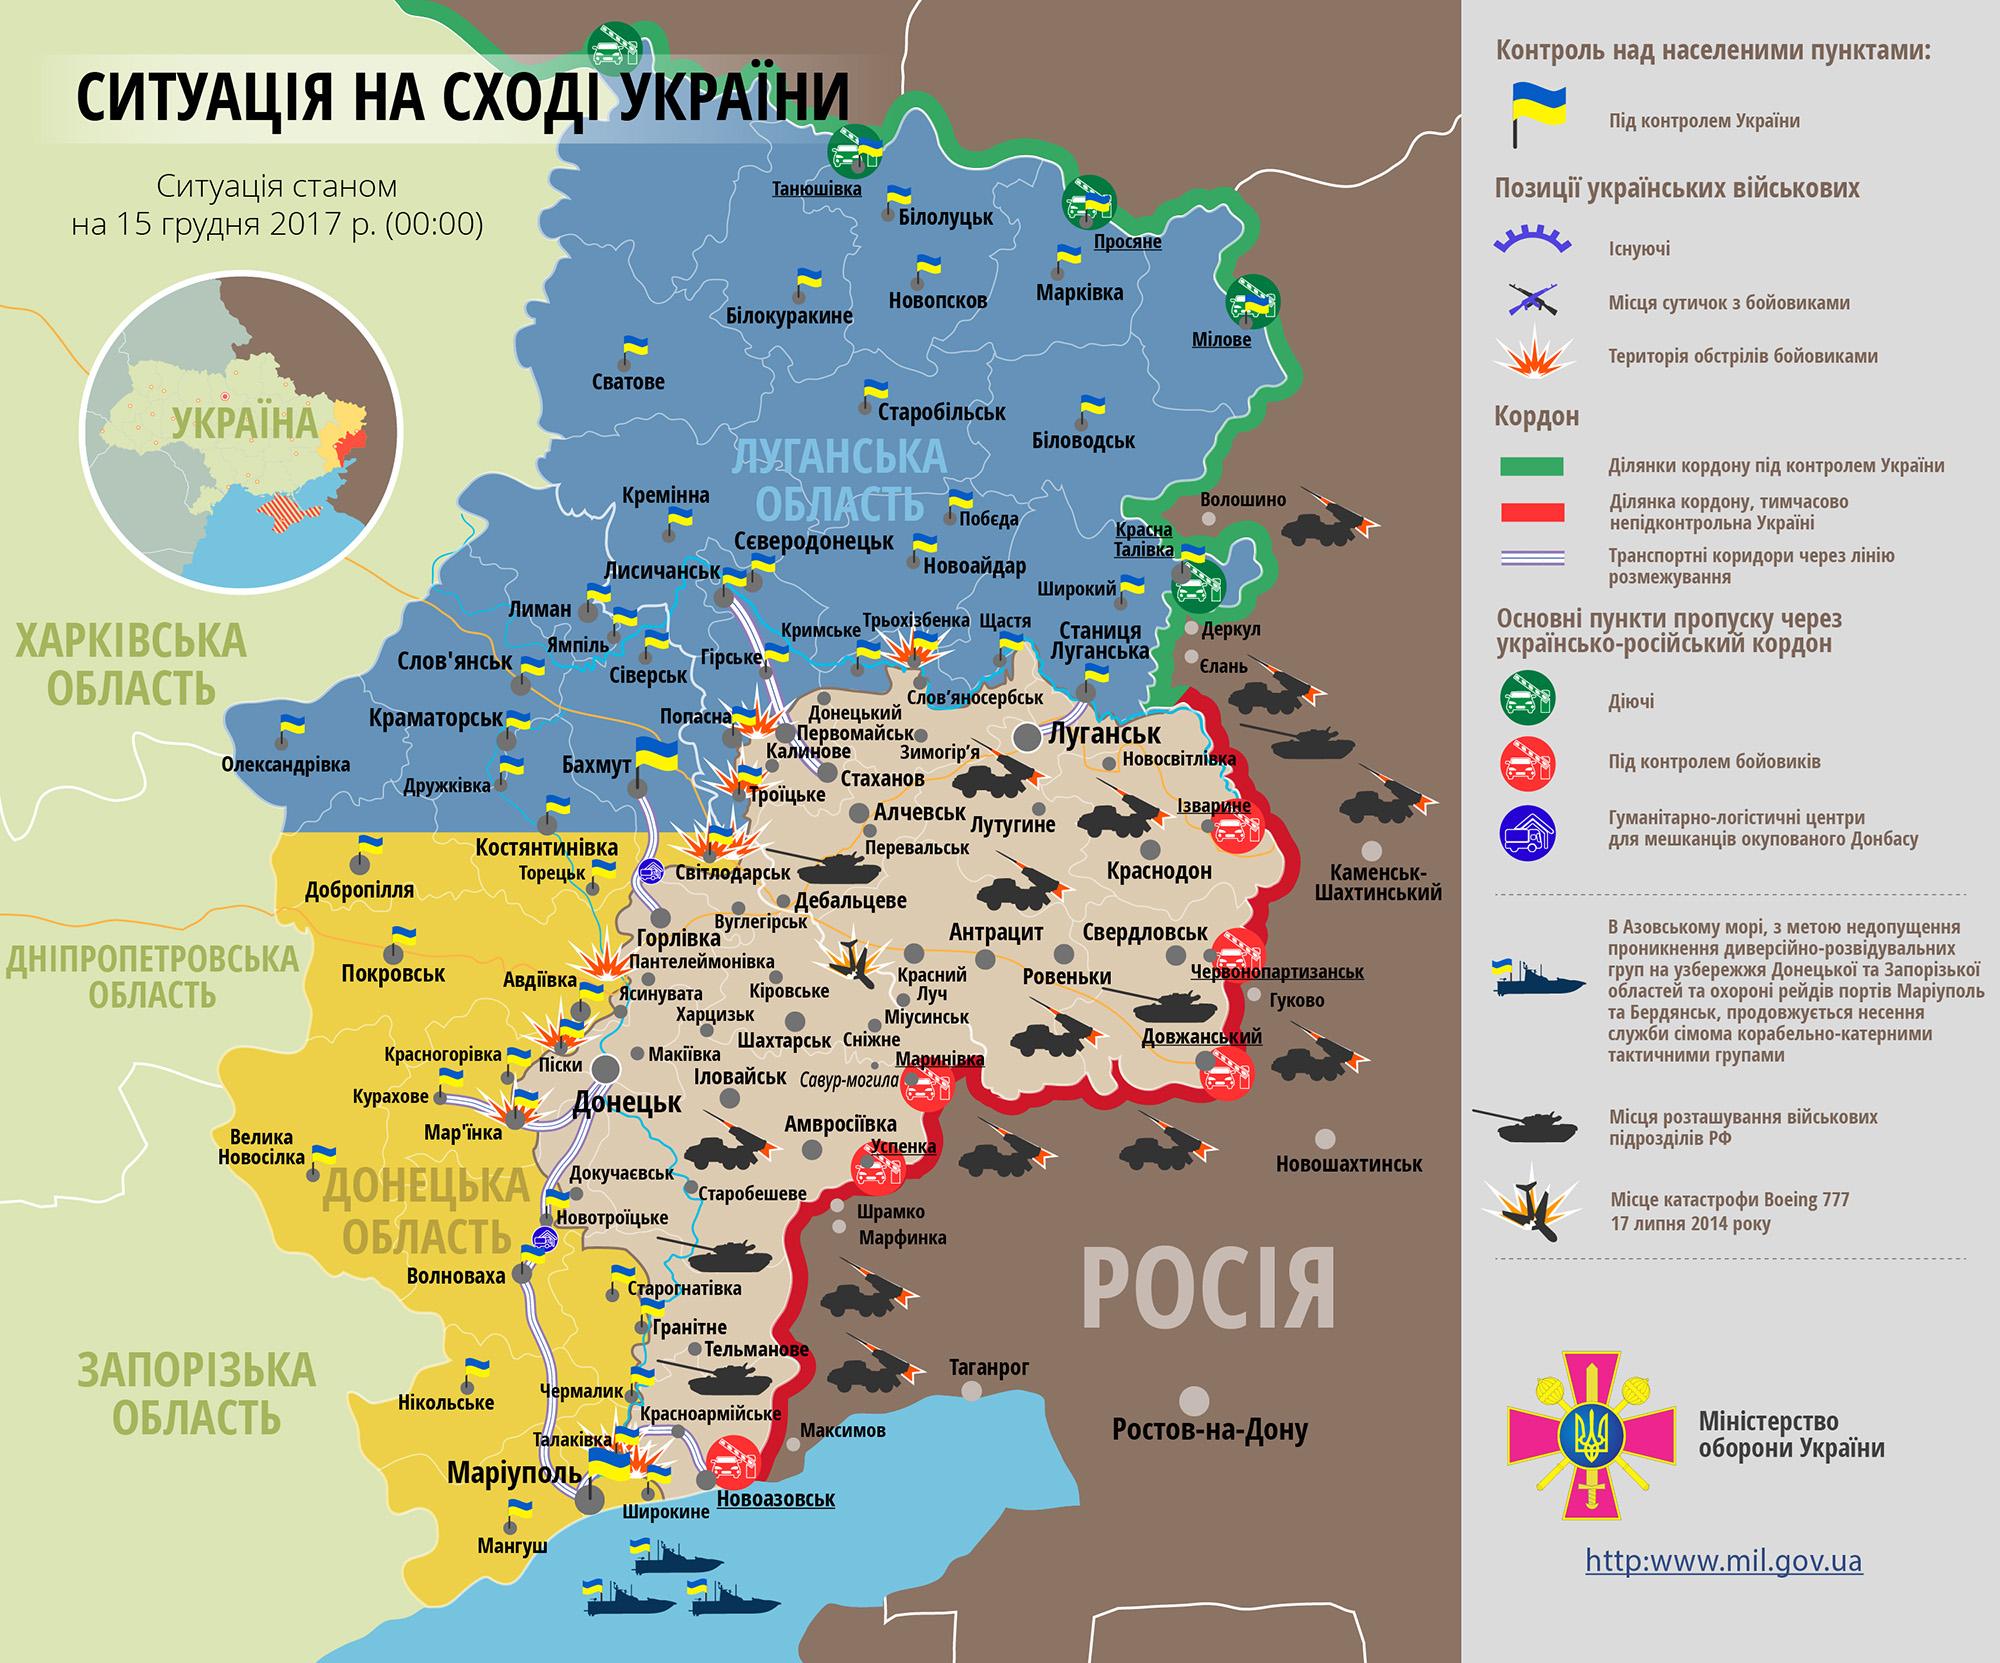 c10270967ec6 В начале апреля 2014 года начались боевые действия между российскими  террористами и подразделениями украинской армии. Позже украинская сторона  объявила ...